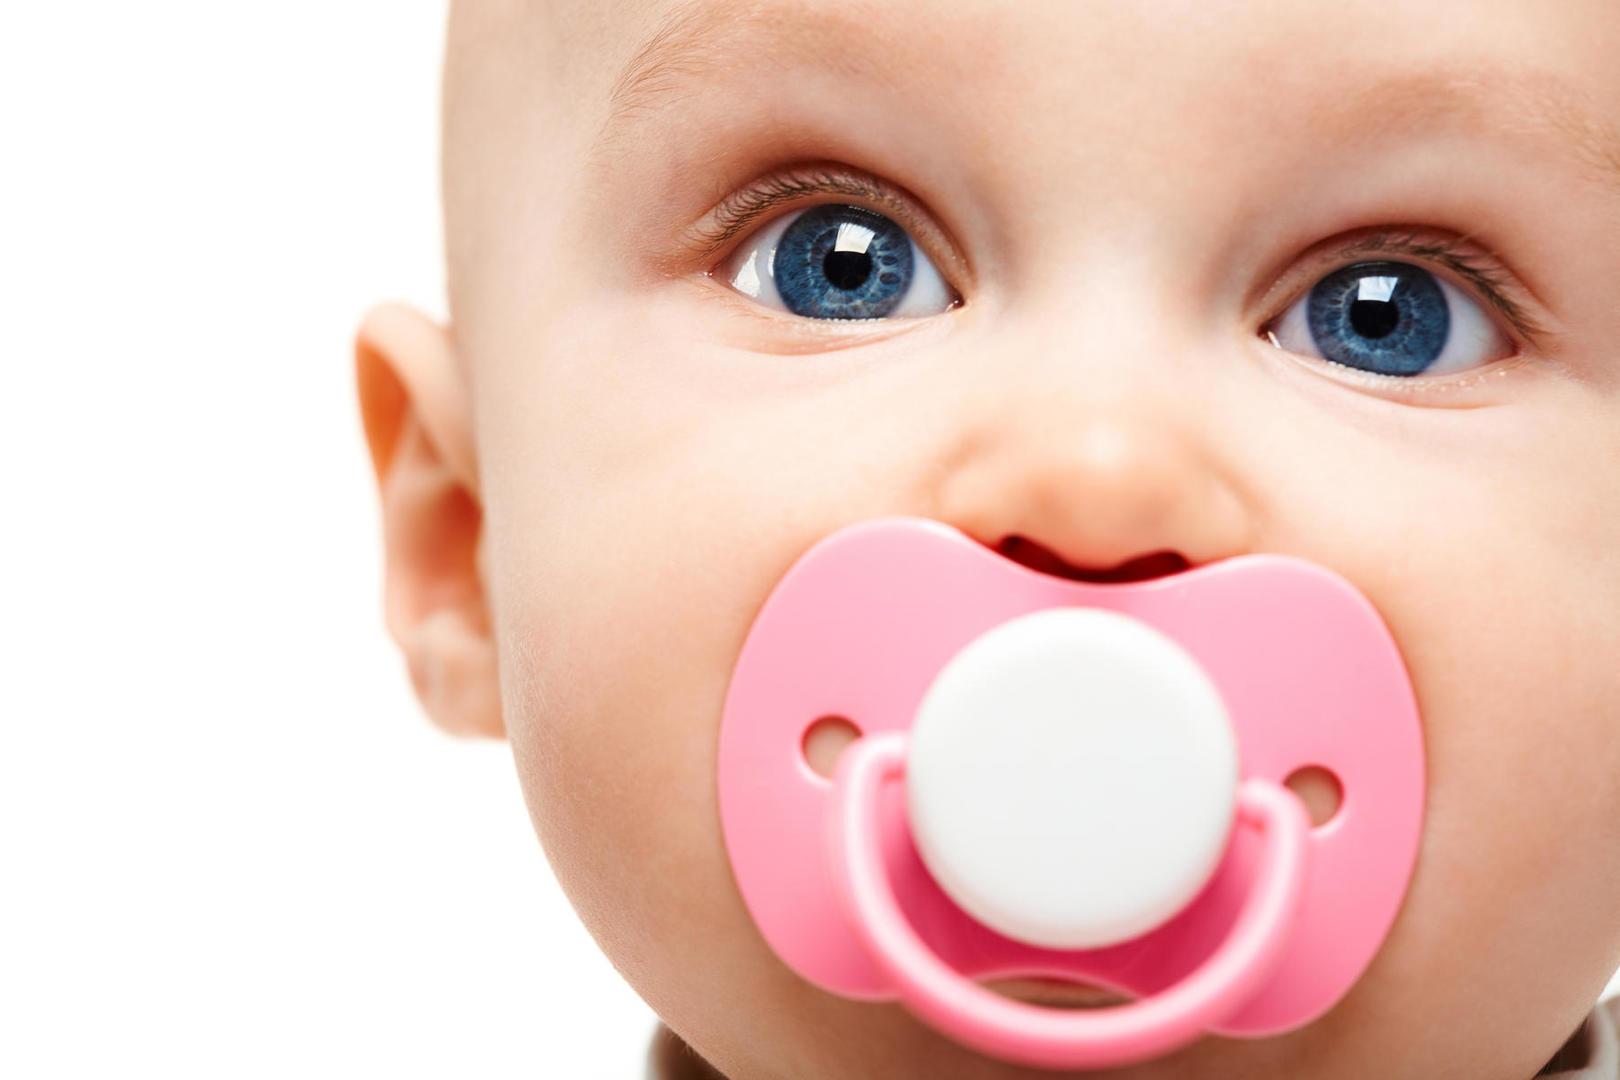 ۱۰ روش ترک دادن پستانک در کودکان